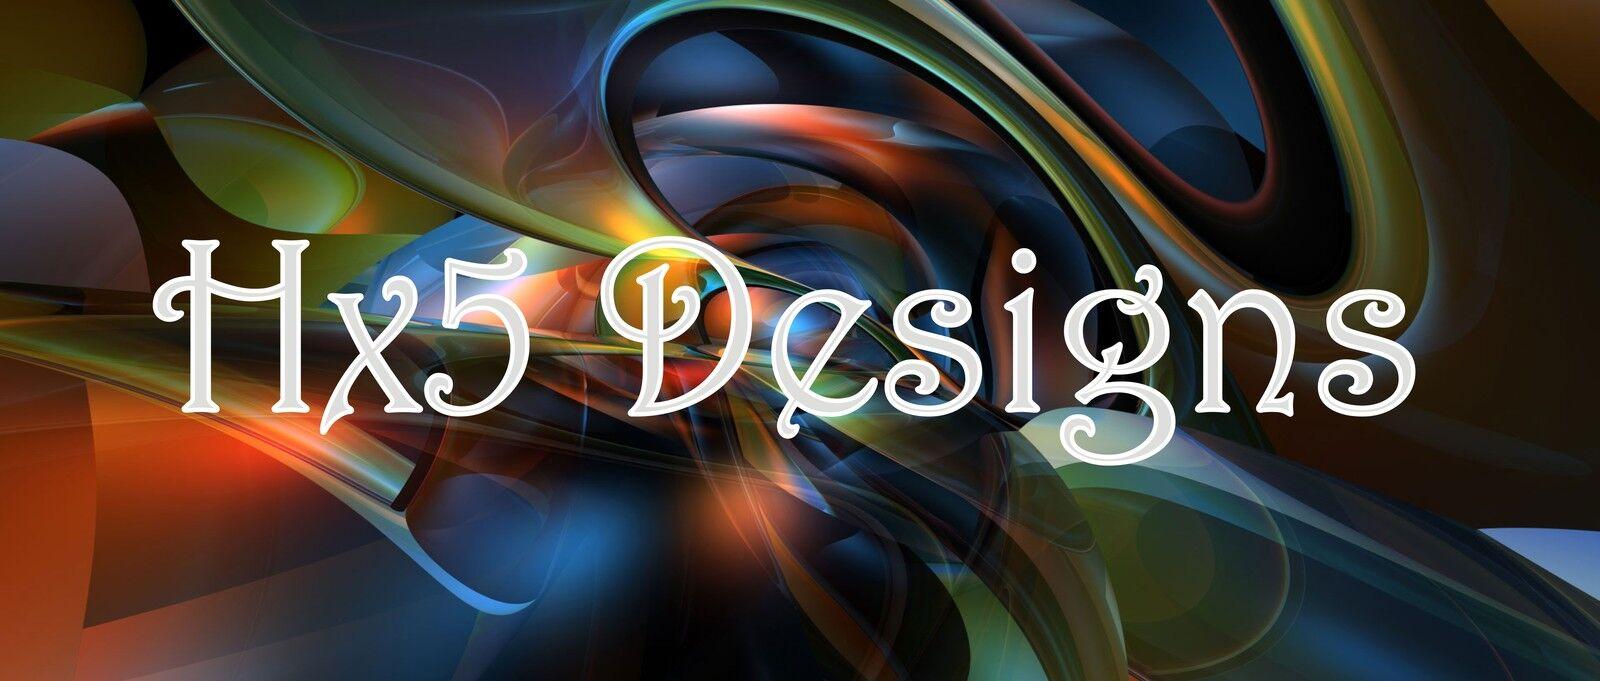 Hx5 Designs